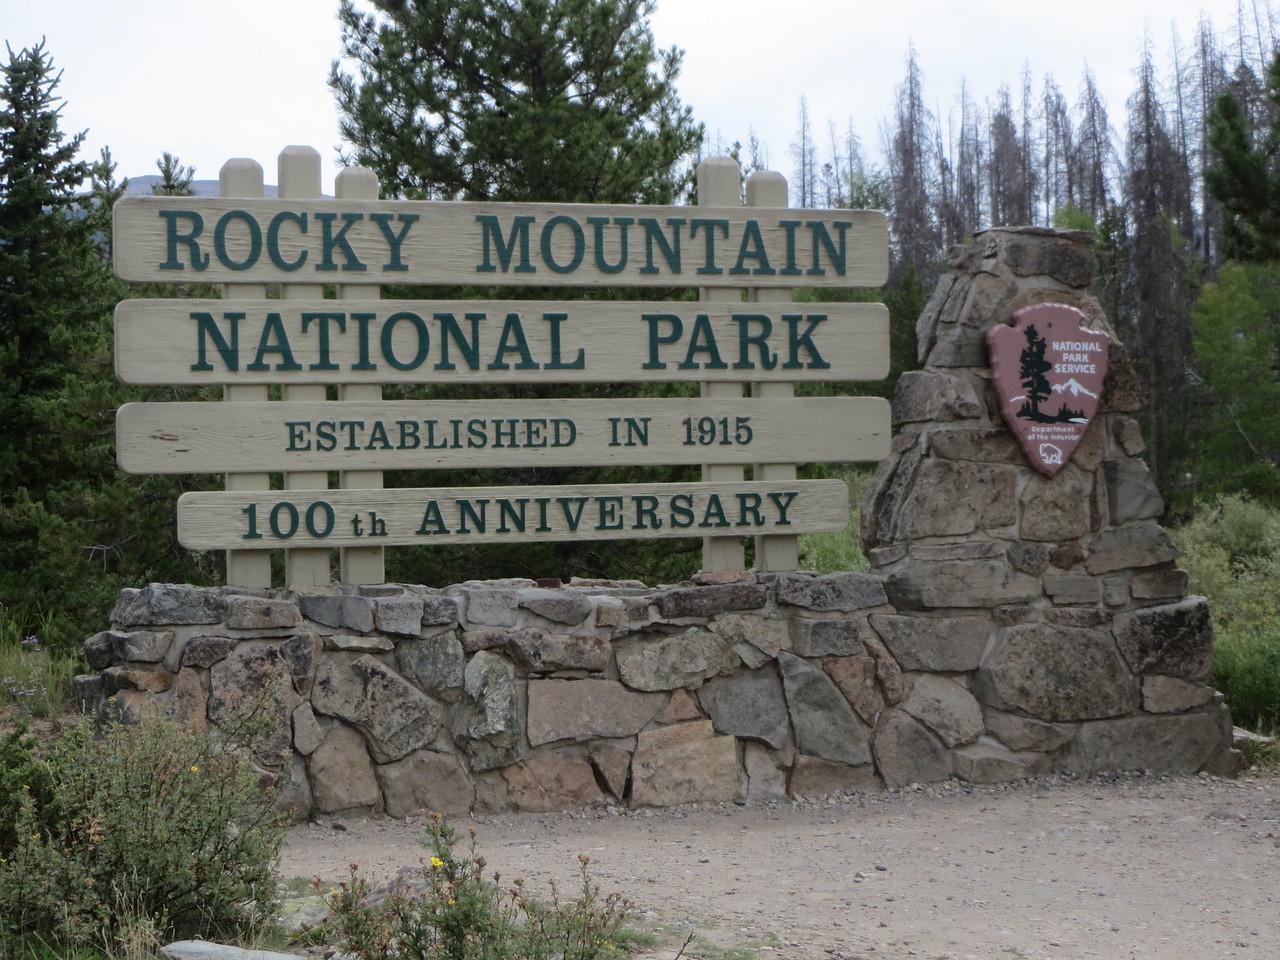 Day 3 (363 miles): Southern entrance, Trail Ridge Rd, RMNP